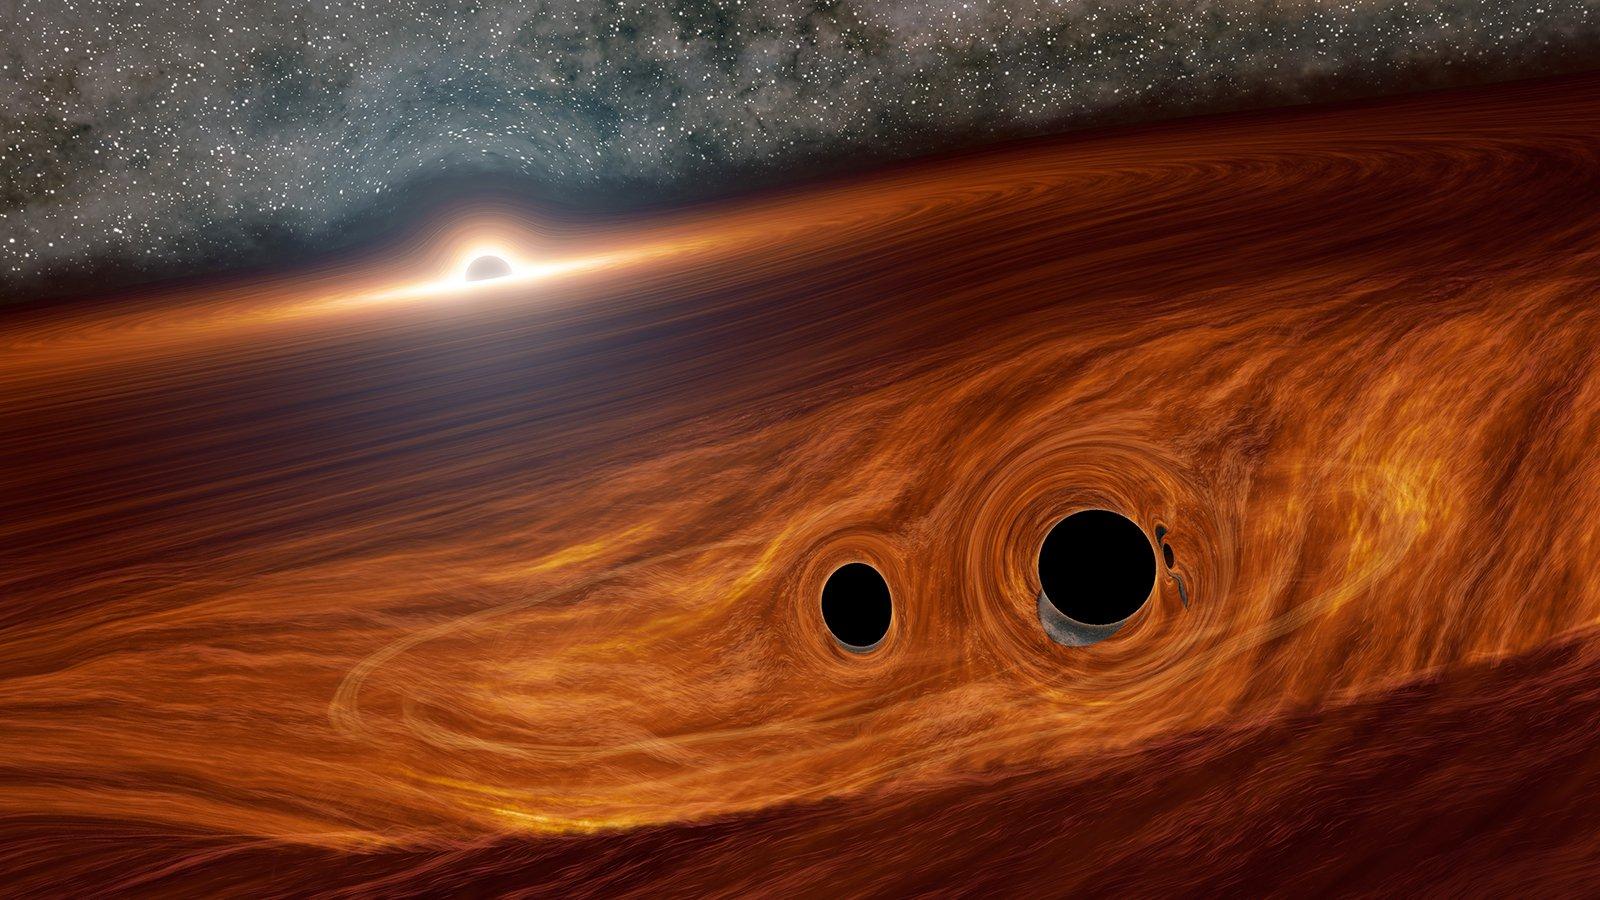 Conceito visual de um buraco negro supermassivo e seu disco circundante de gás. Embutidos neste disco estão dois buracos negros menores em órbita.